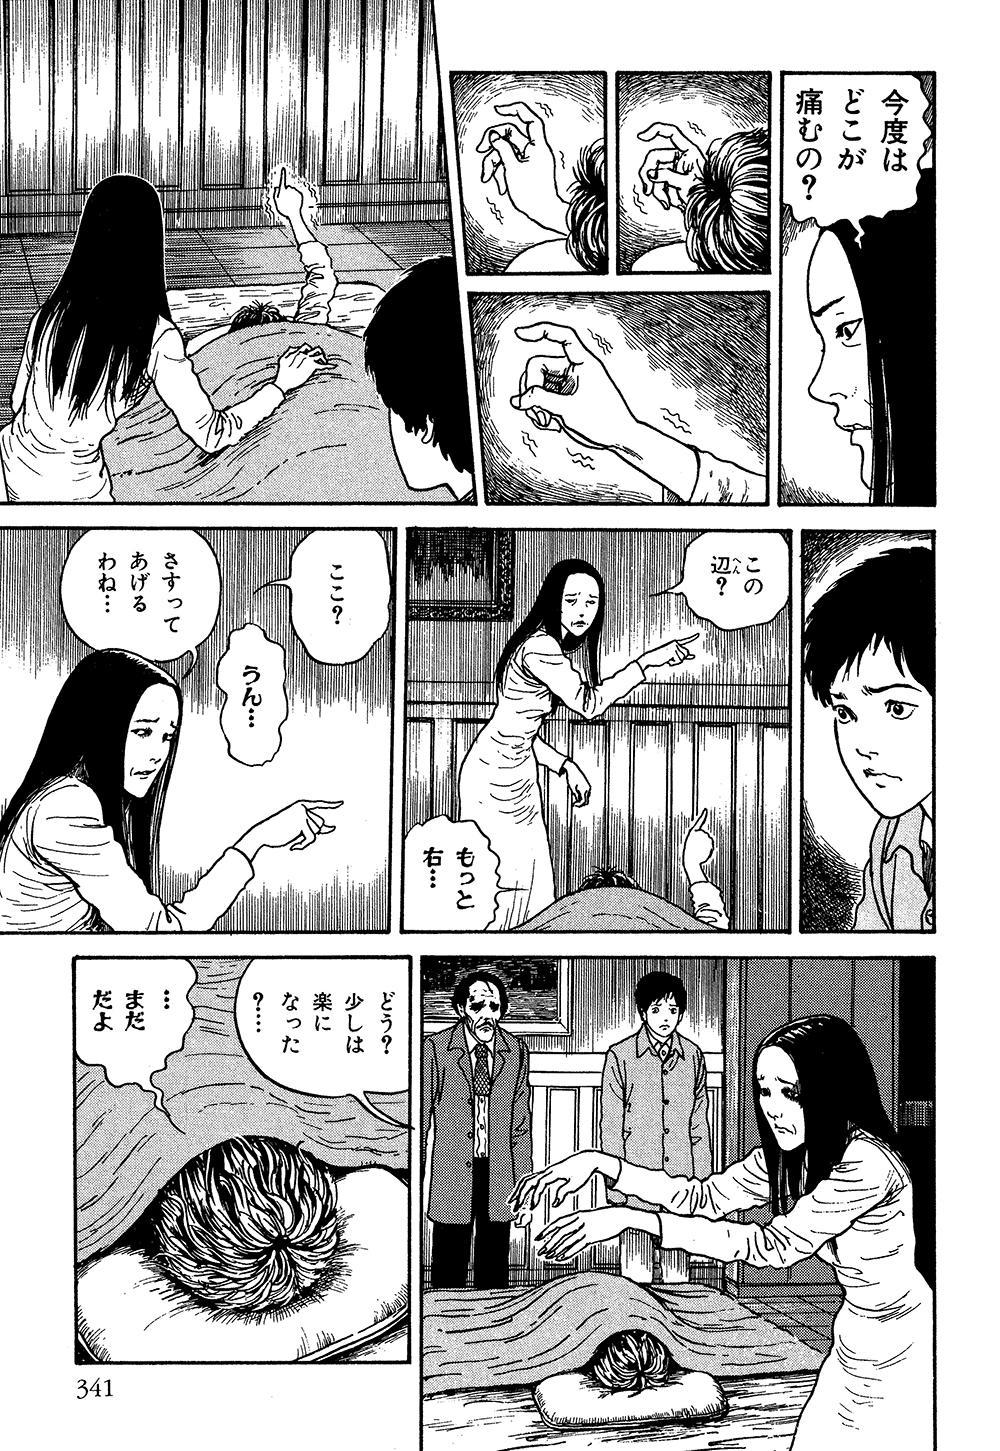 itouj_0004_0343.jpg